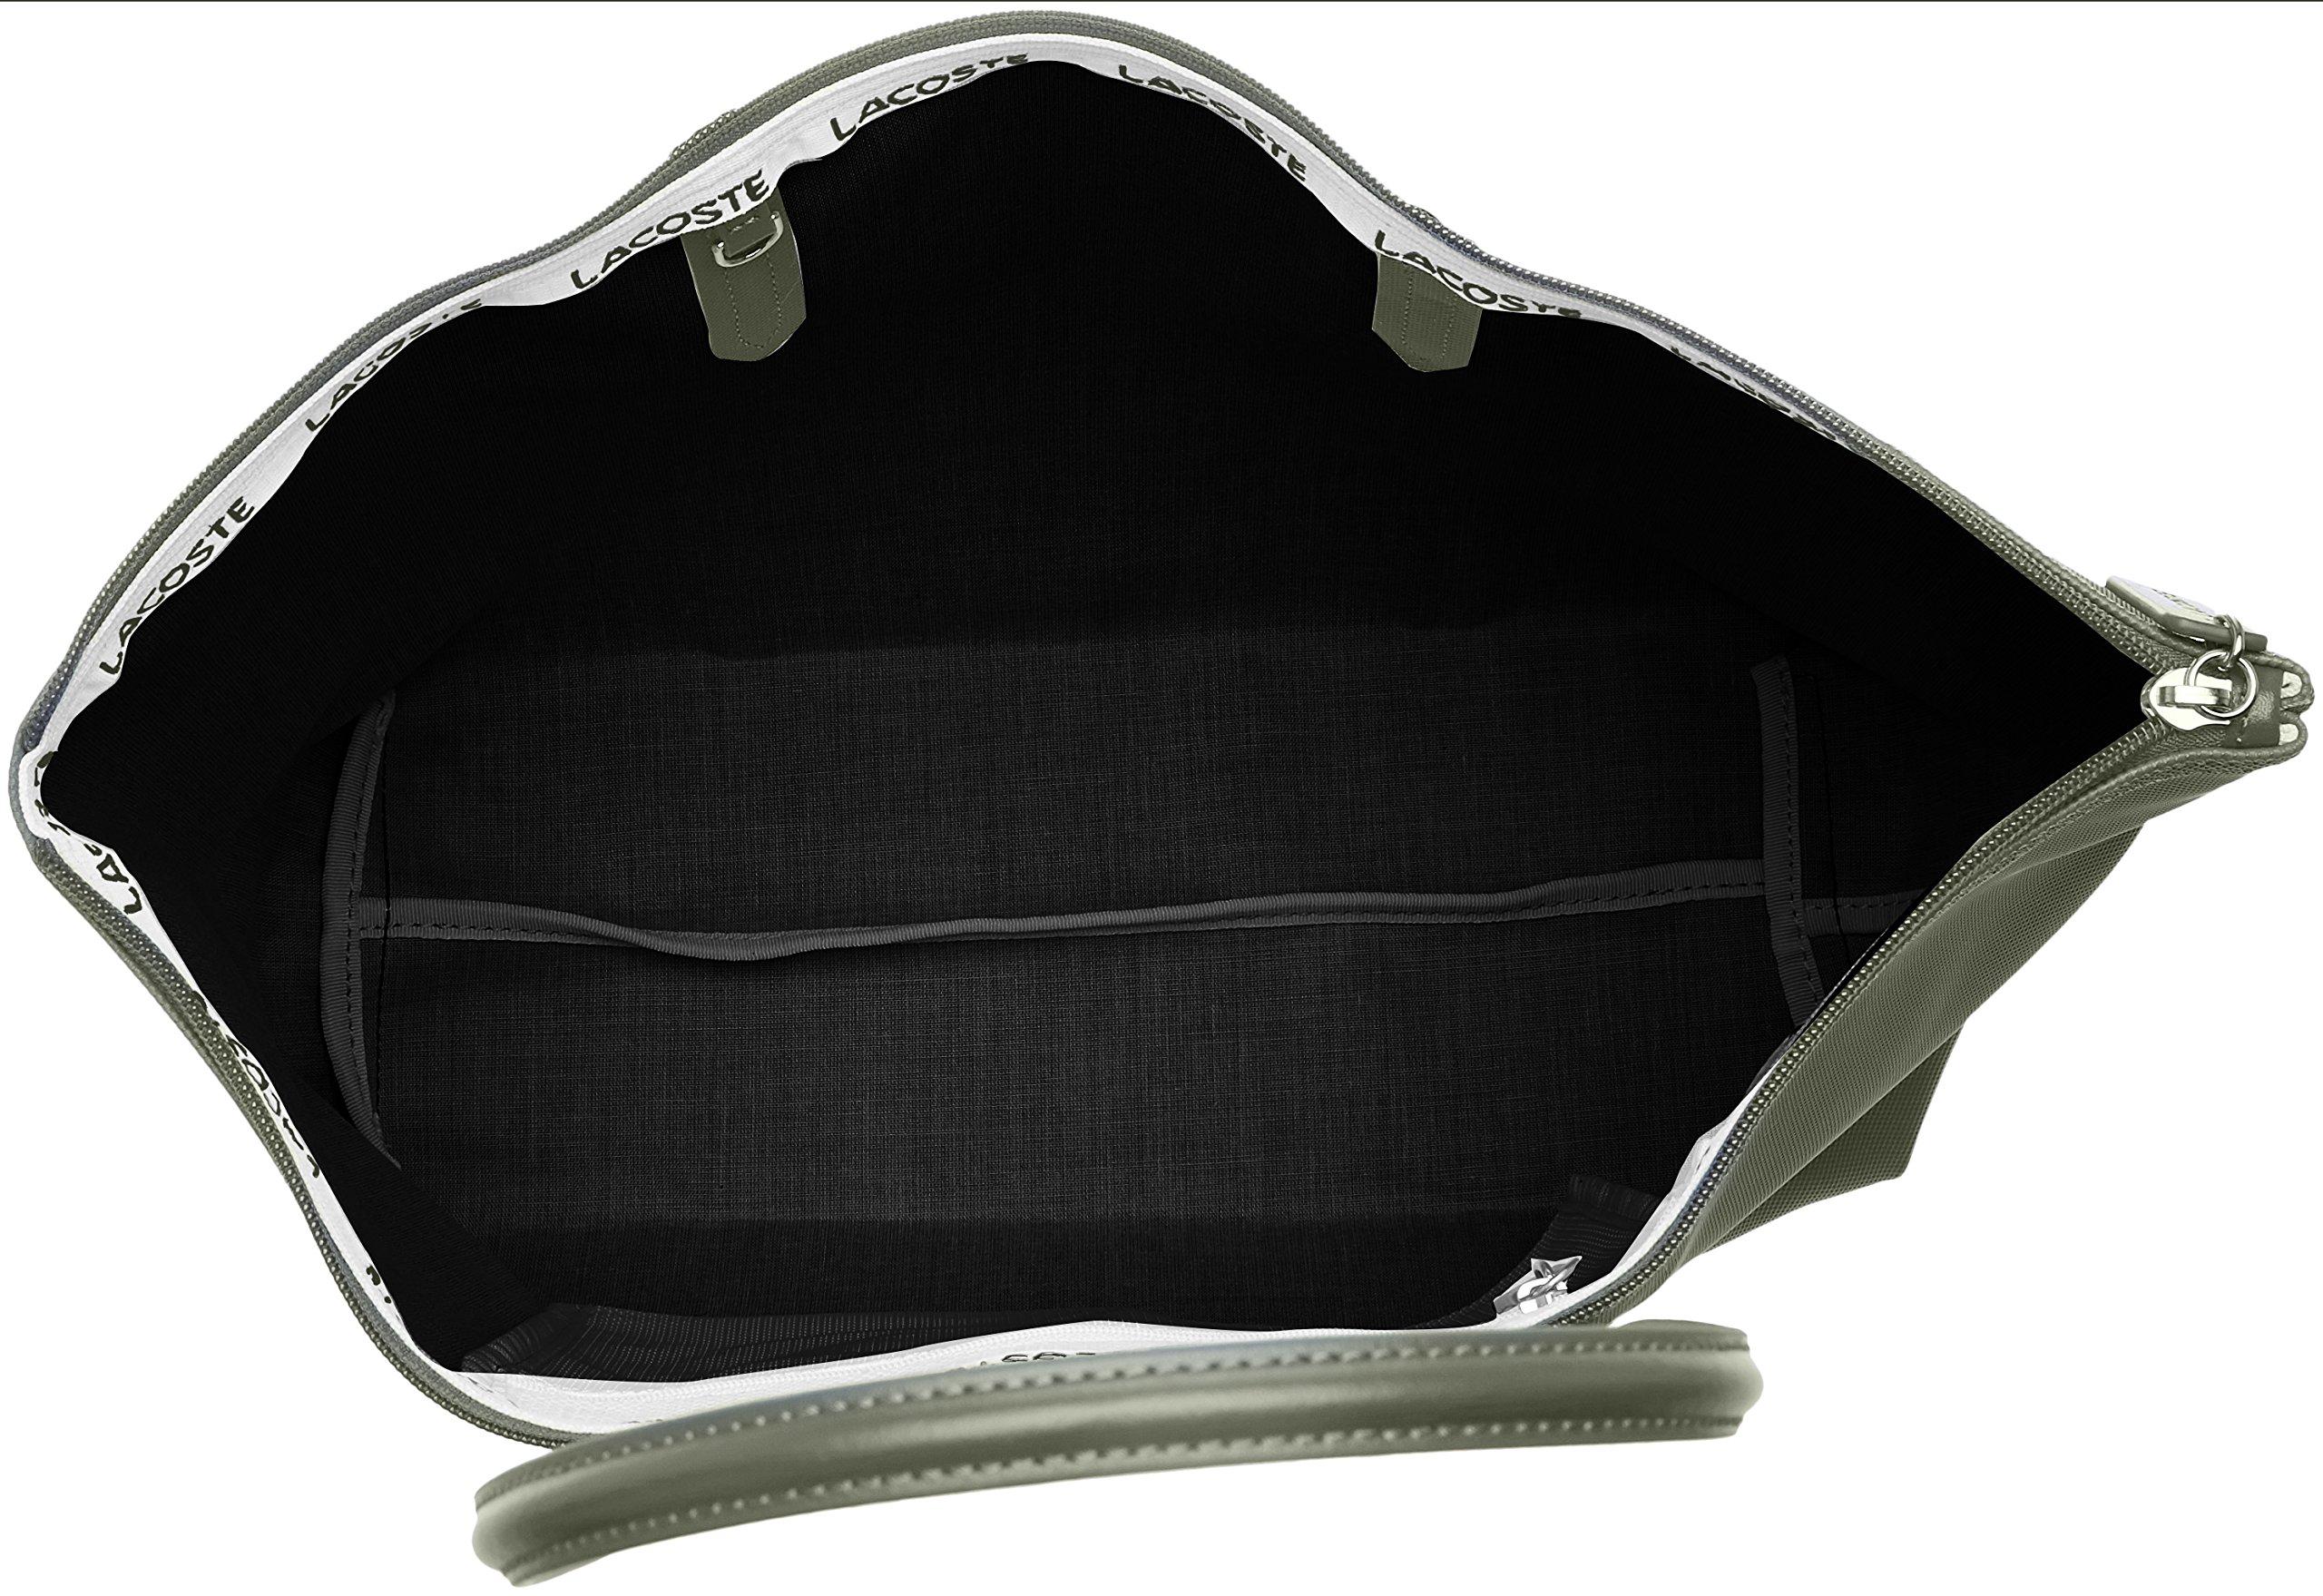 a1334775f5 Lacoste L1212 Concept, Sac Bandouliere Femme, 14x30x35 cm (W x H x L ...